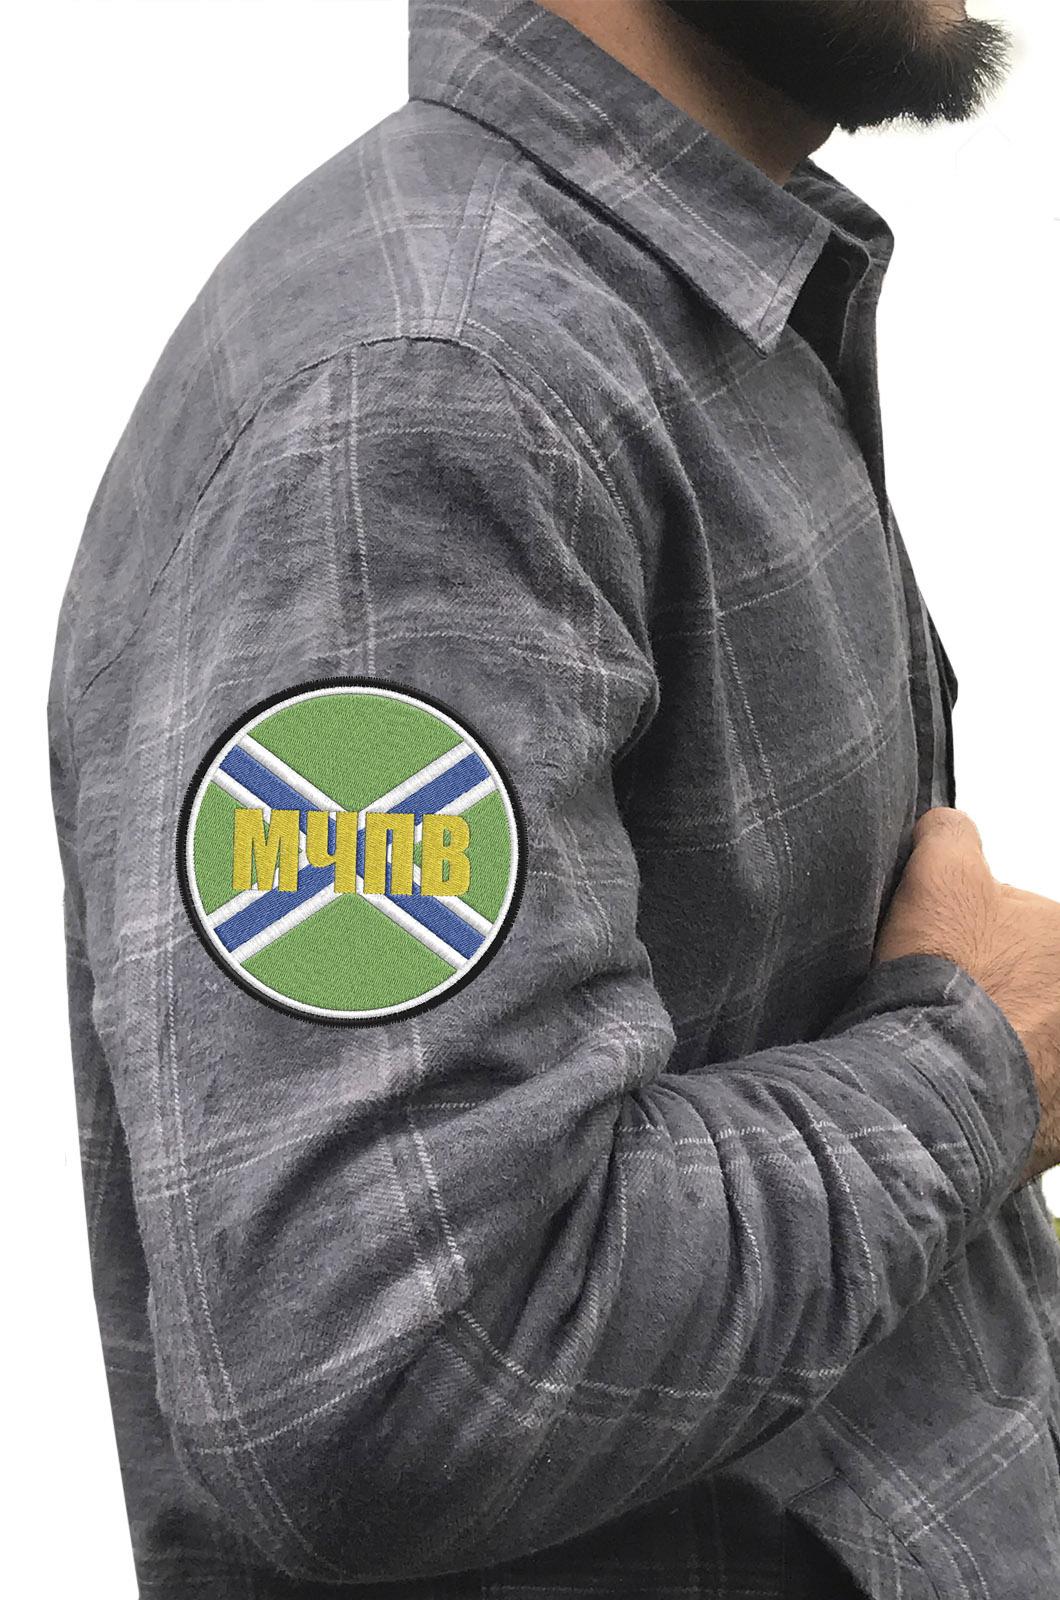 Мужская рубашка с нашивкой МЧПВ купить с доставкой